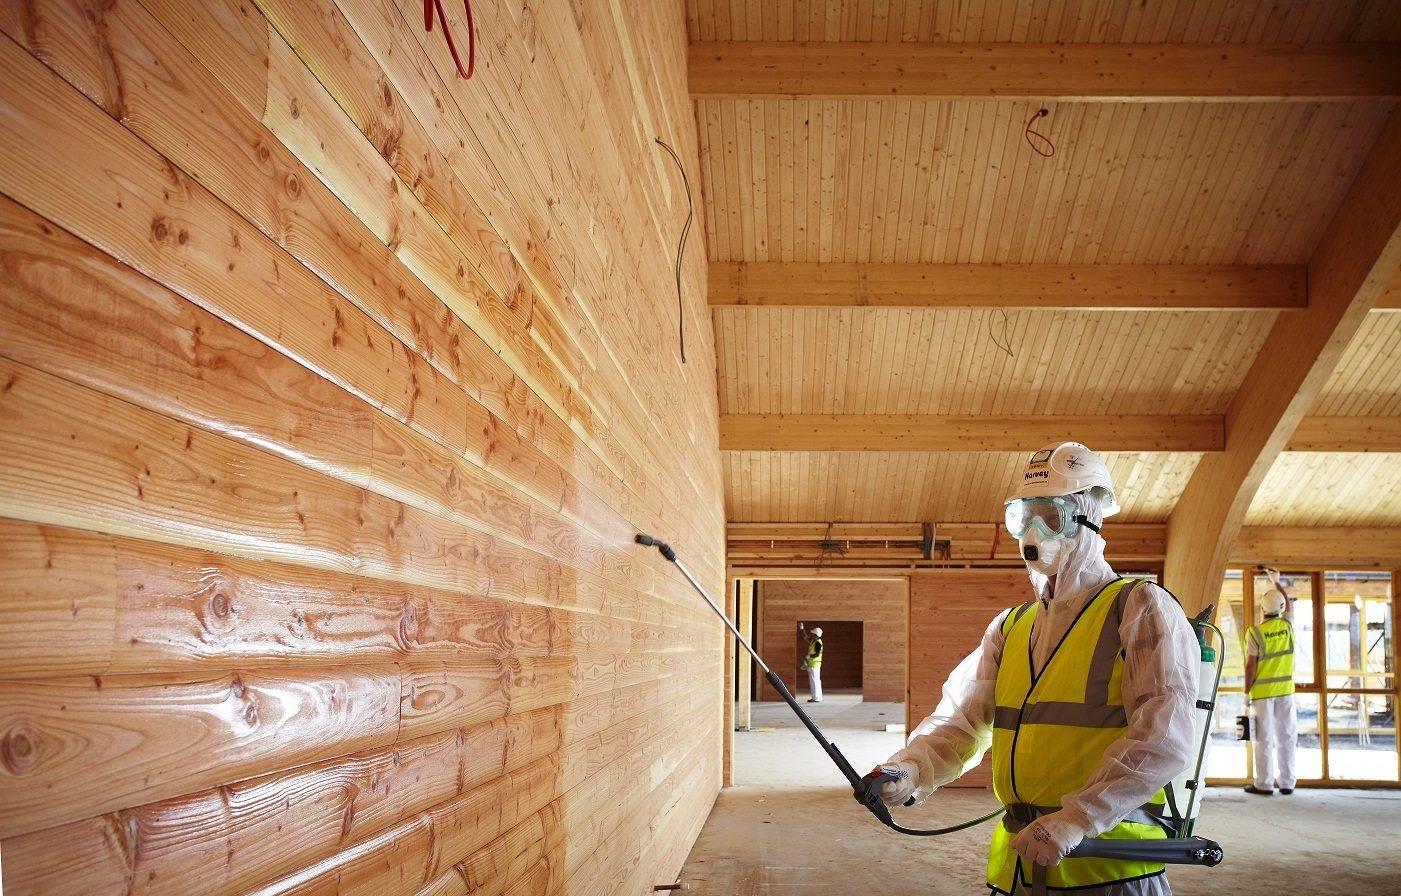 Чем покрыть вагонку внутри дома, чтобы не потемнела древесина | строительство. деревянные и др. материалы